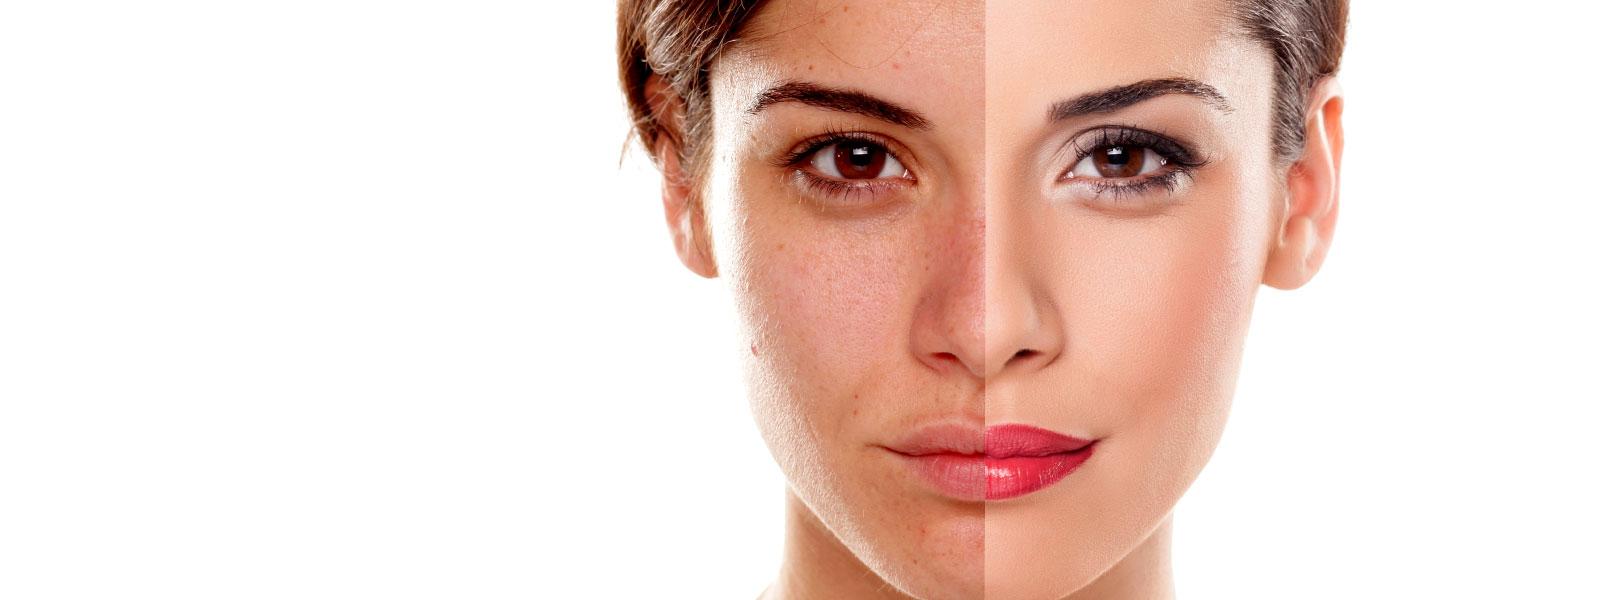 Dermatoloji Uzmanlığı Nedir, Neleri Kapsar?